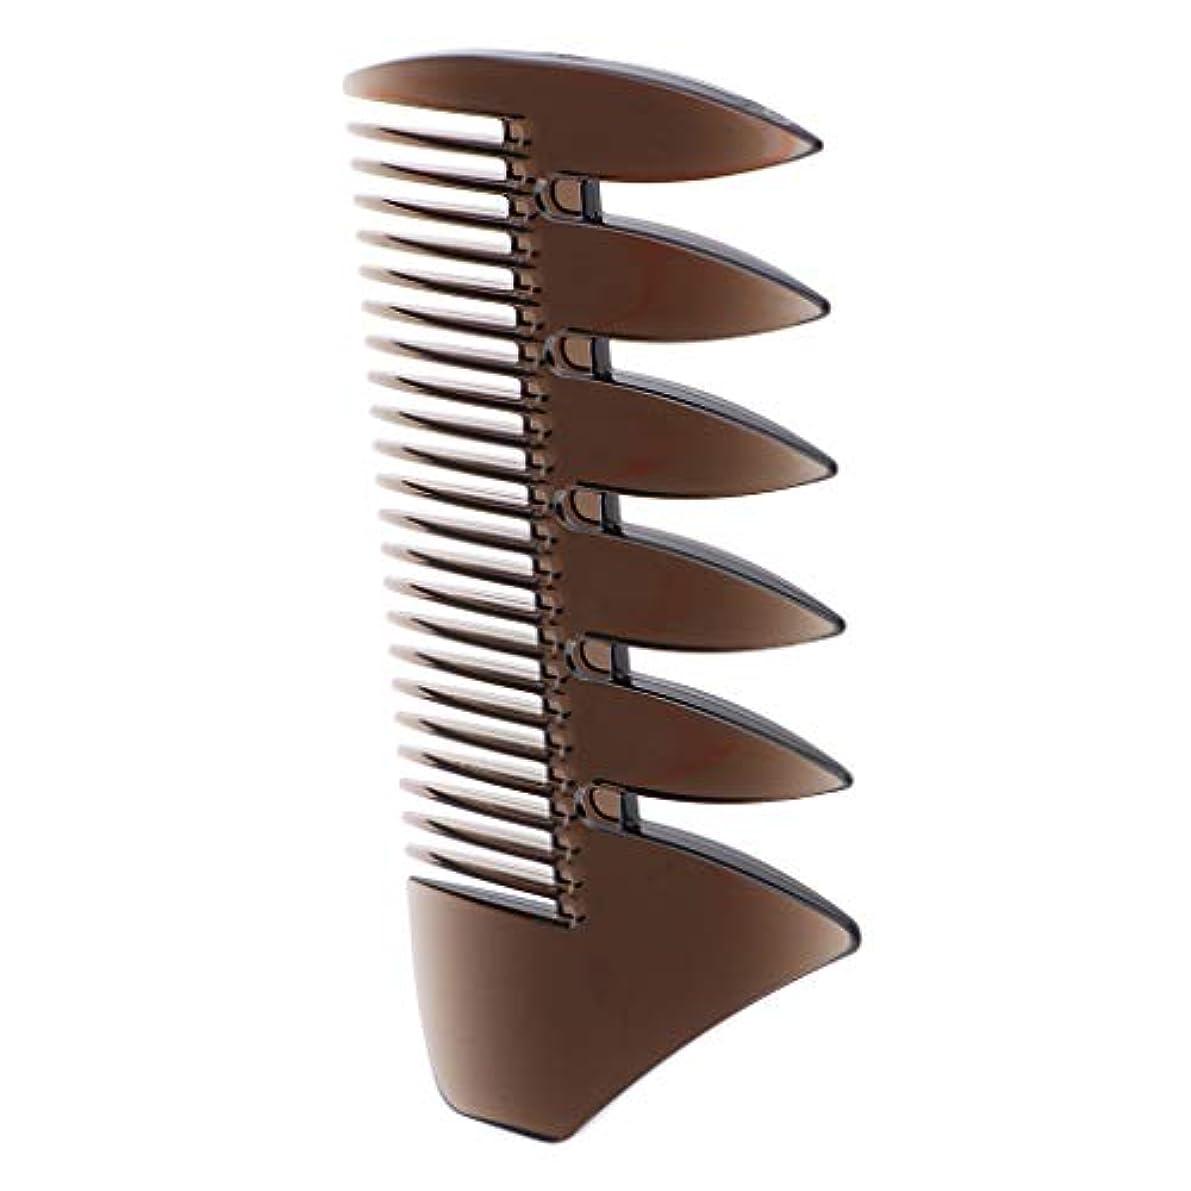 フルーティーサイトラインルーチンヘアブラシ ヘアコーム メンズ オイルヘアピック 櫛 くし